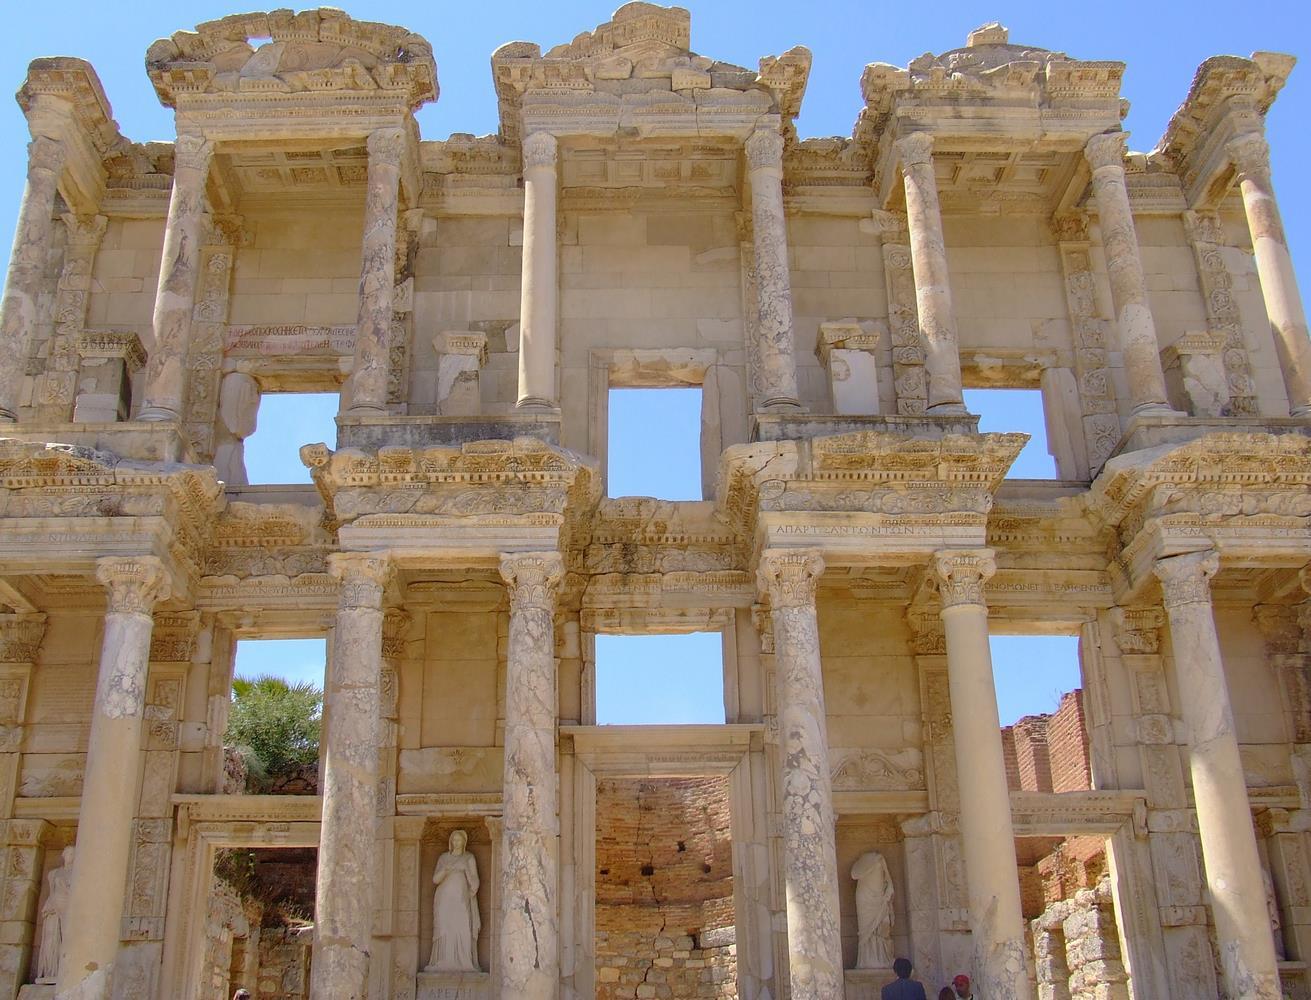 کتابخانه سلسوس ترکیه